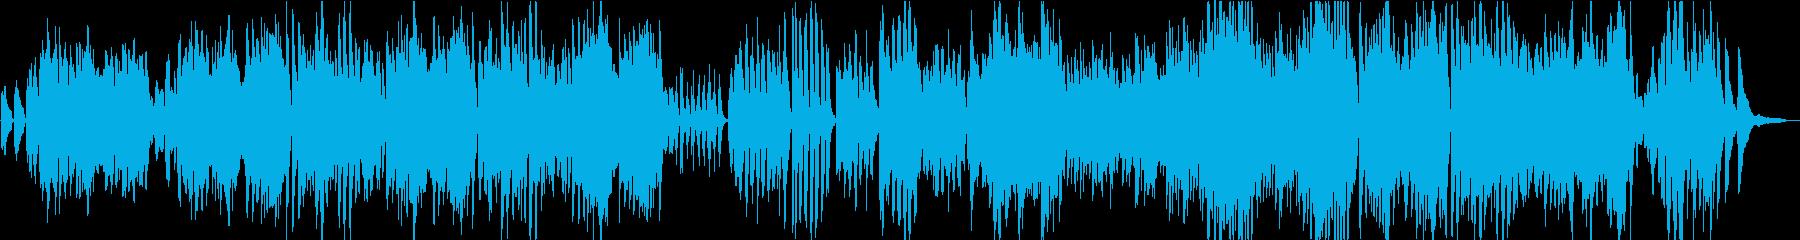 メンデルスゾーンの結婚行進曲のシン...の再生済みの波形